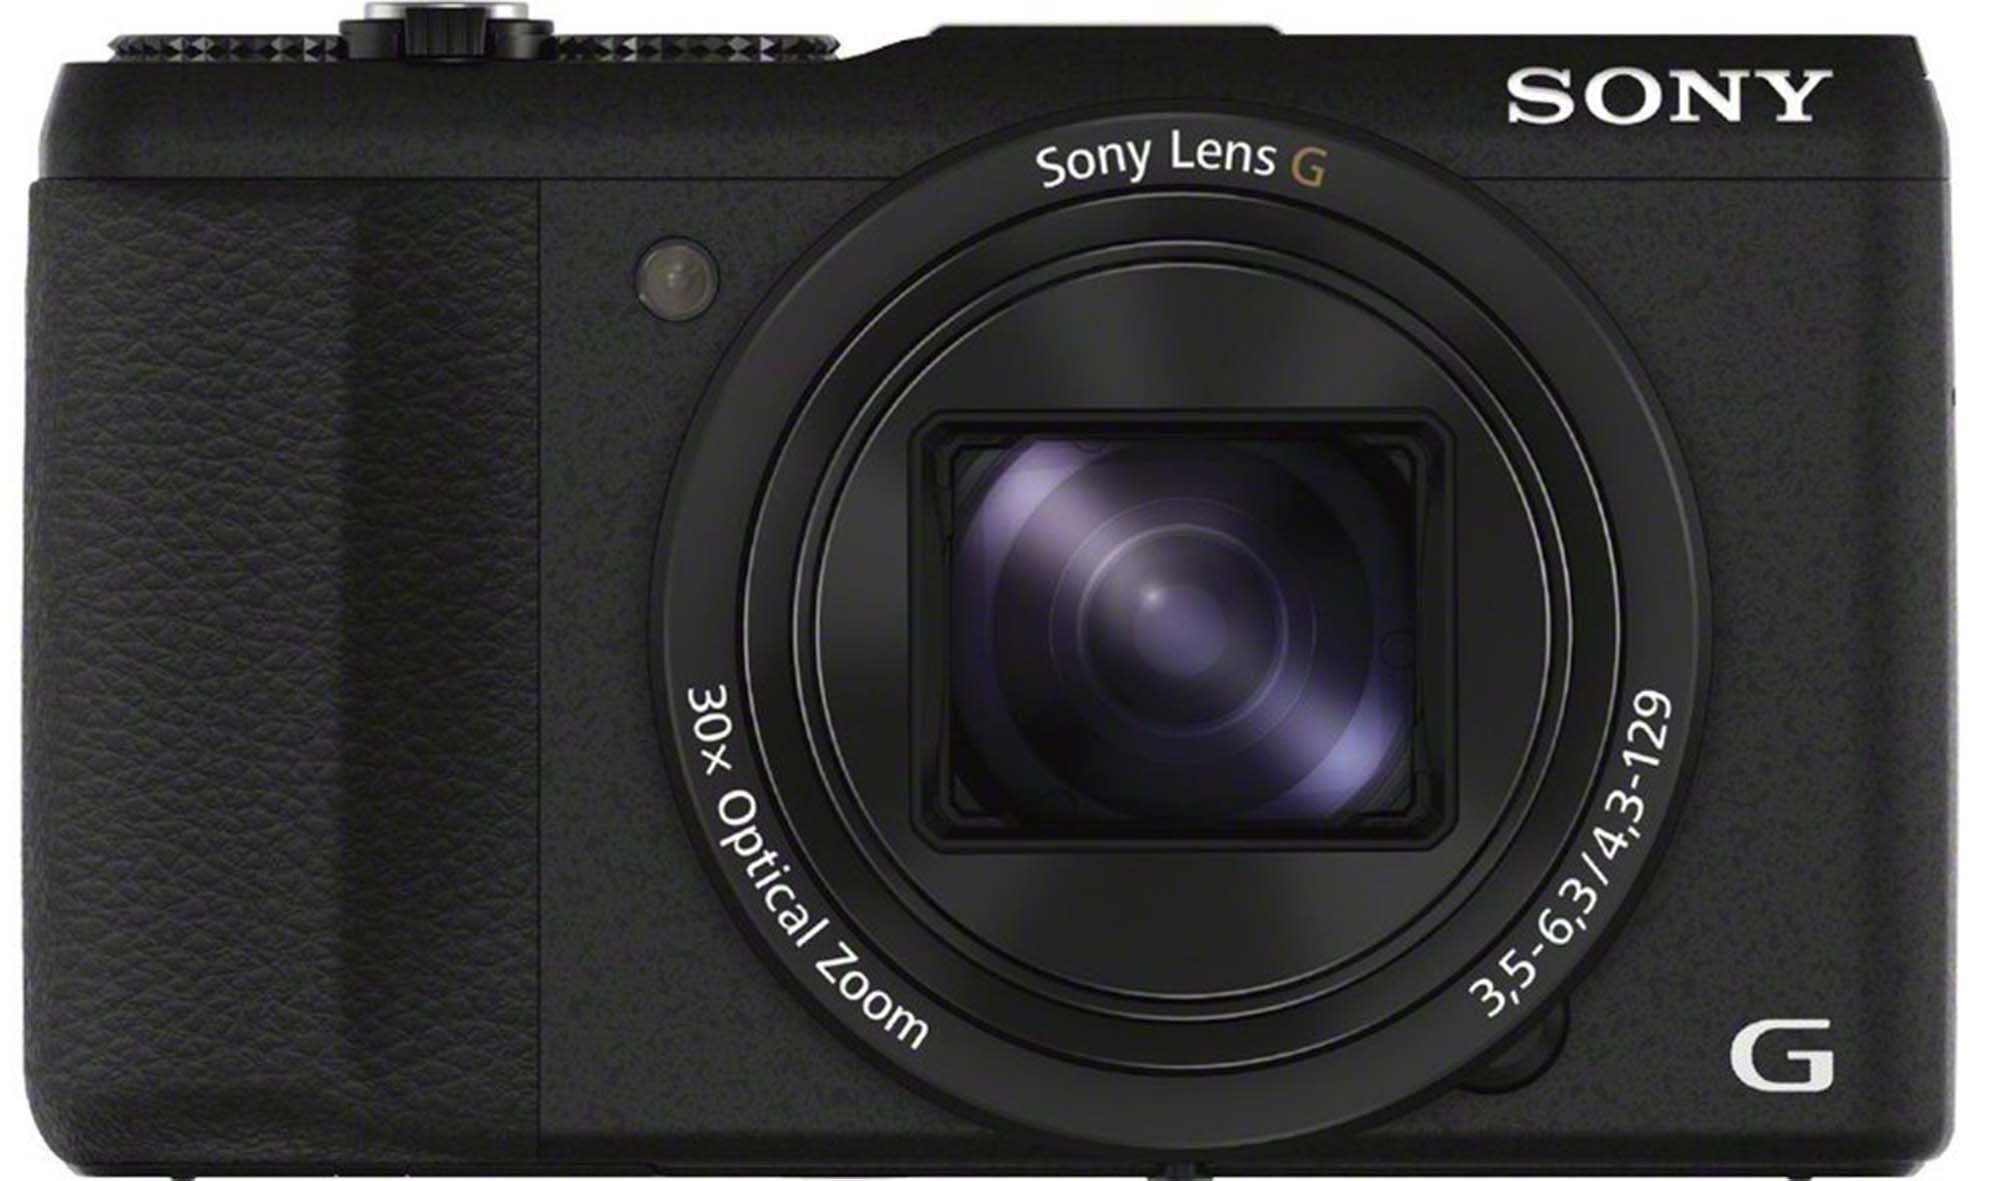 DSC-HX60B фотоаппарат Sony Cyber-Shot, черный